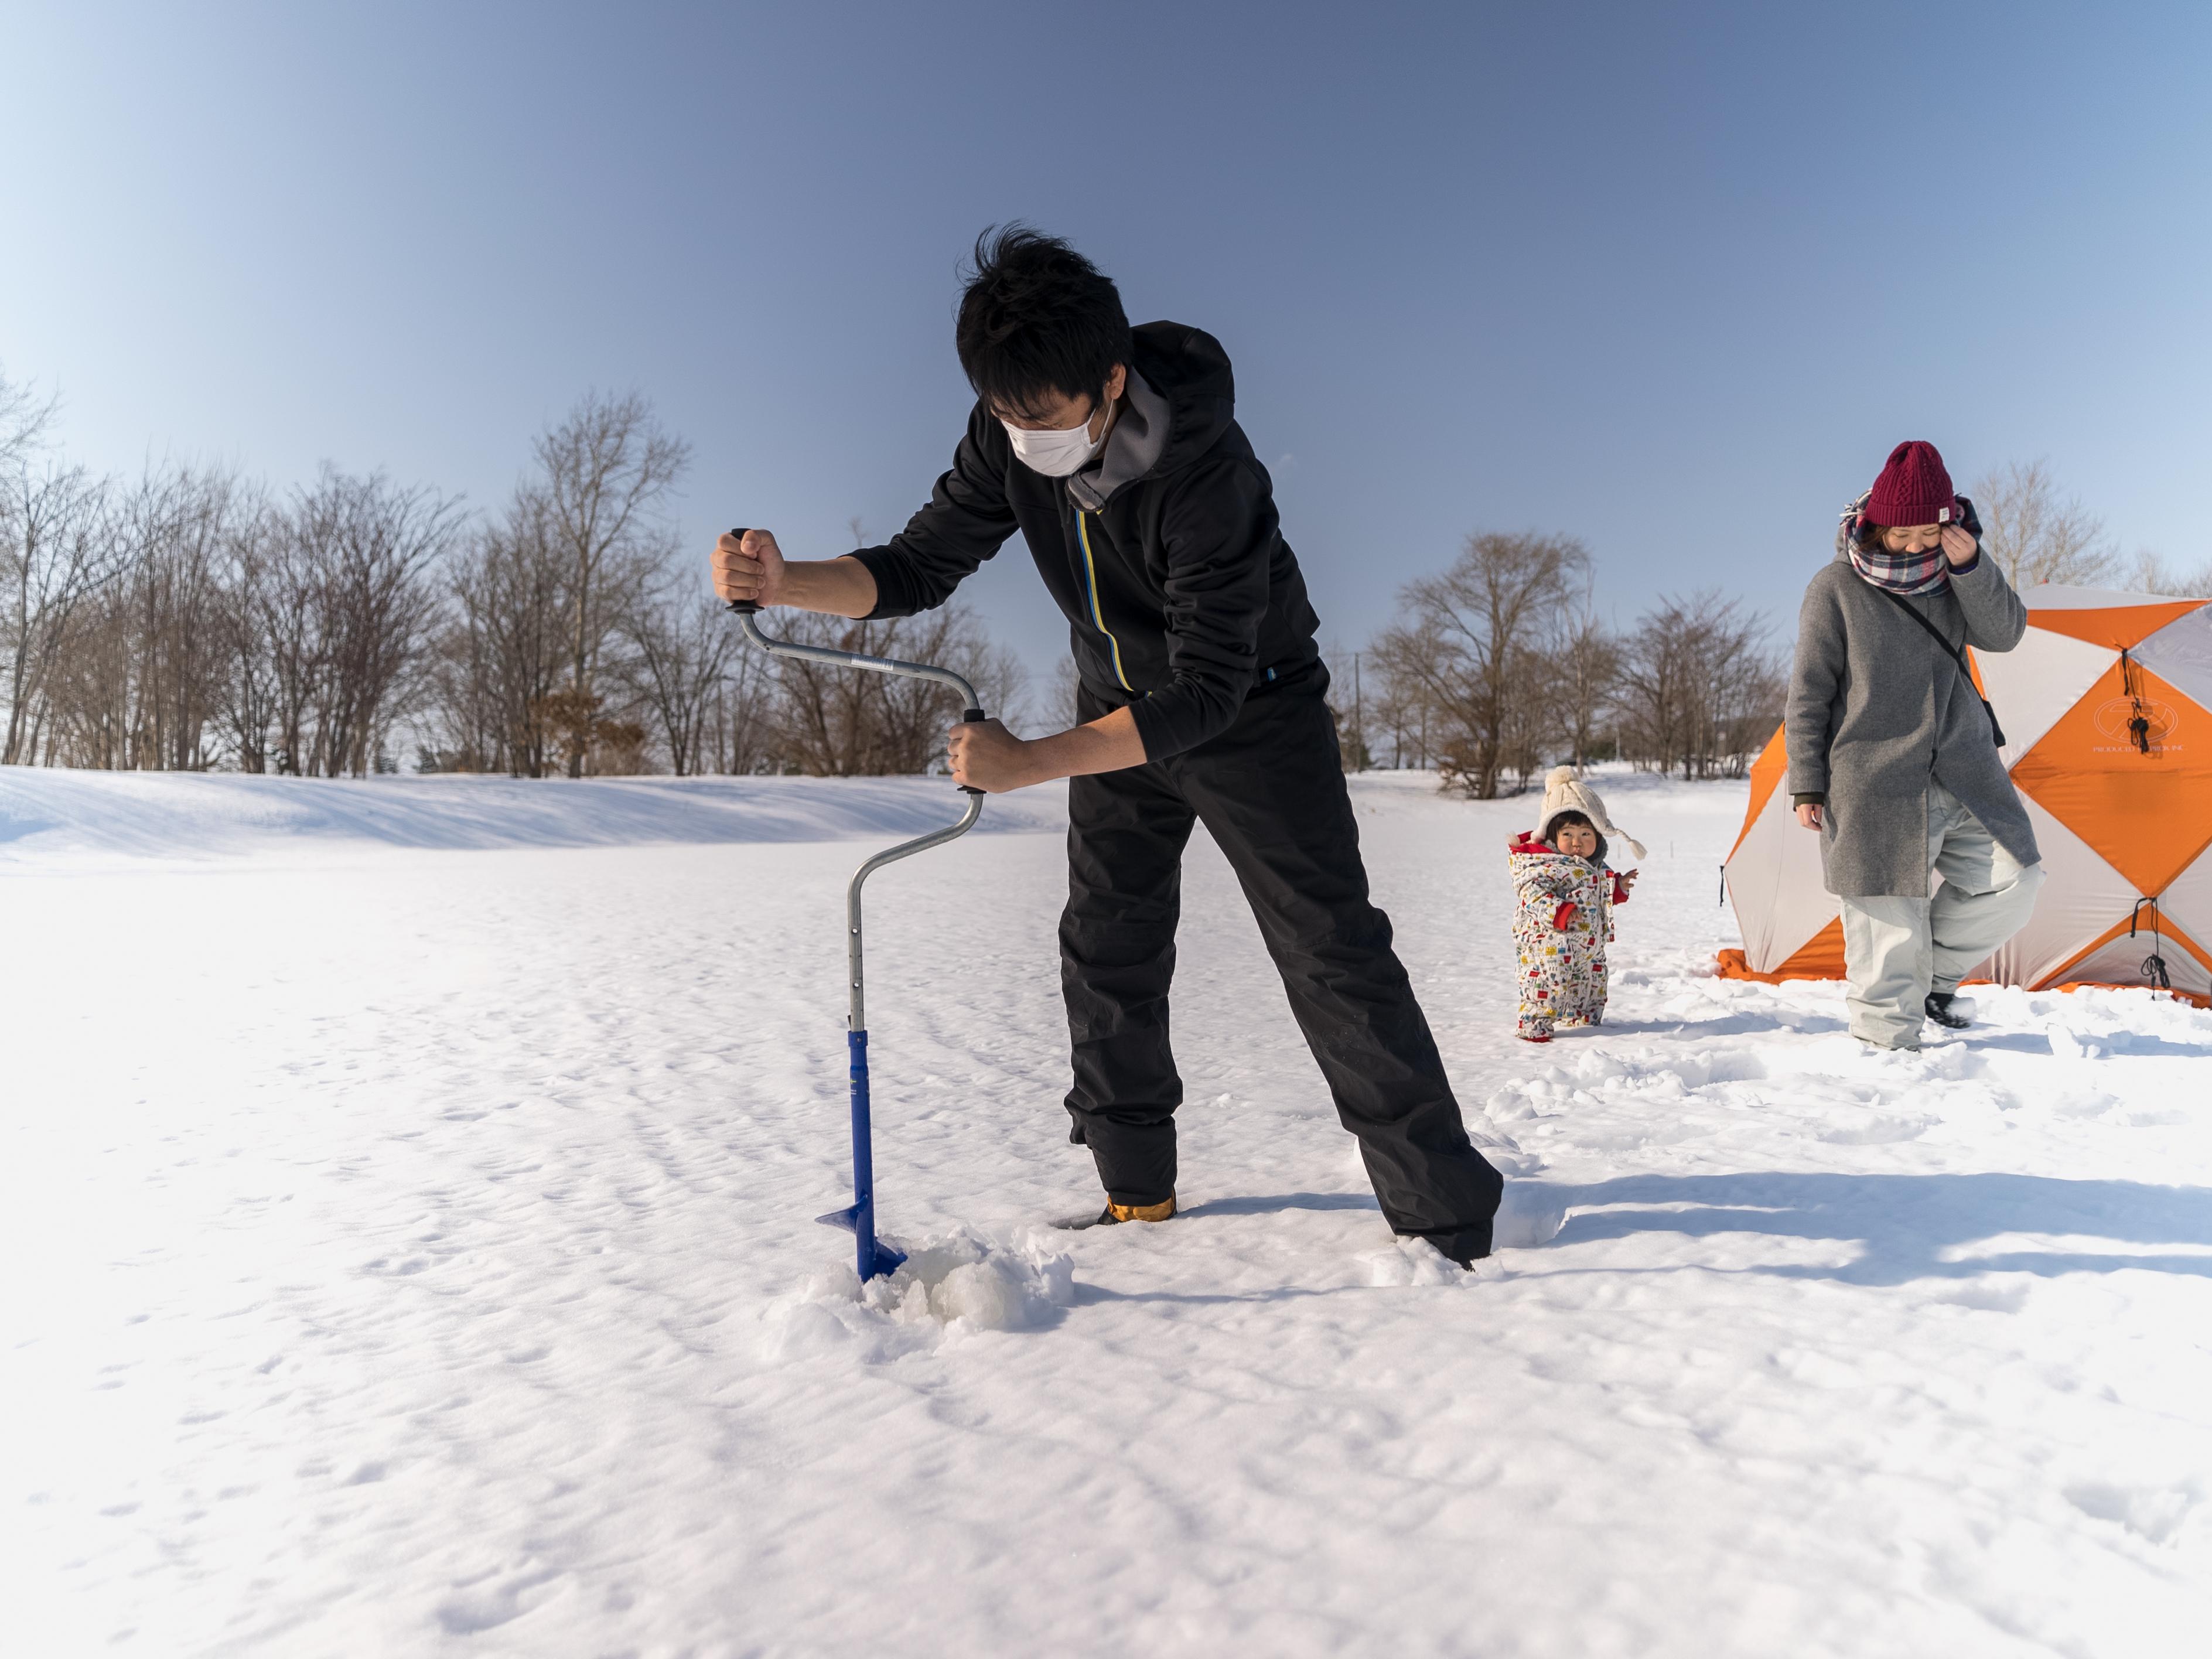 ドリルで氷に穴を開ける作業